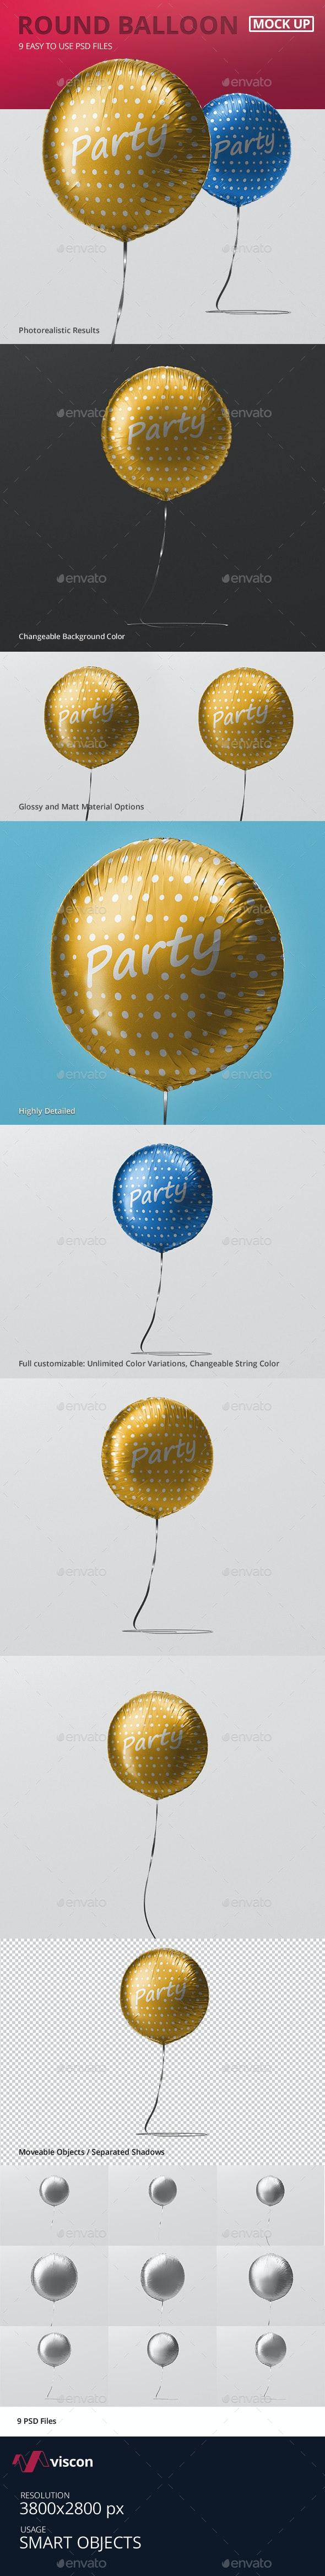 Round Balloon Mockup - Miscellaneous Print